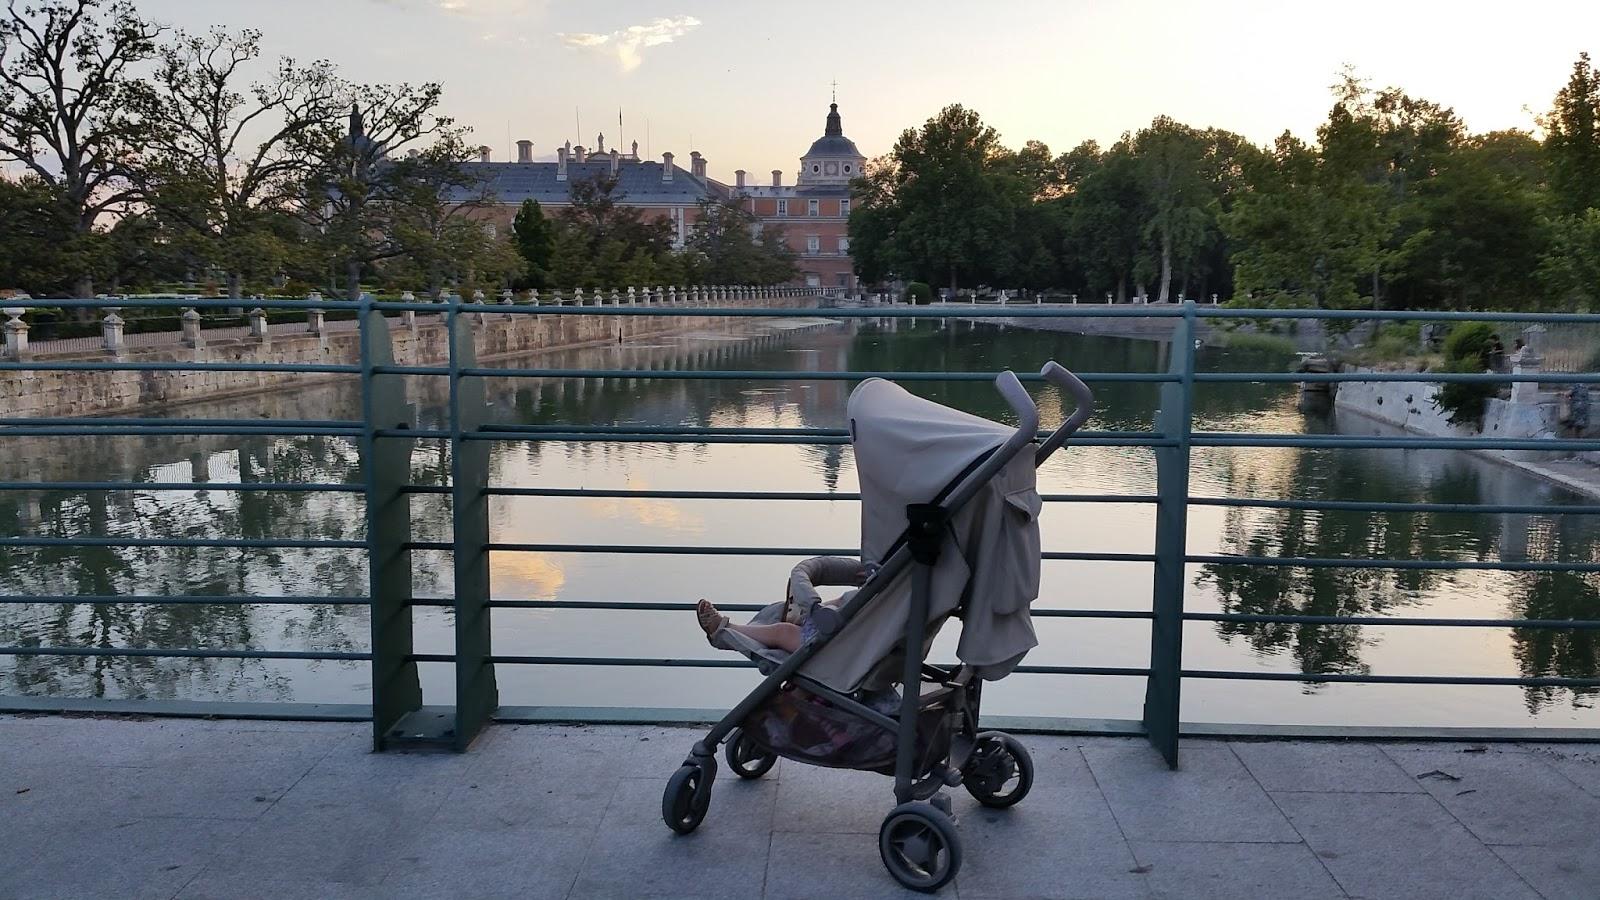 Mami a la moda spot de b b car una gran silla de paseo for Silla ligera bebecar